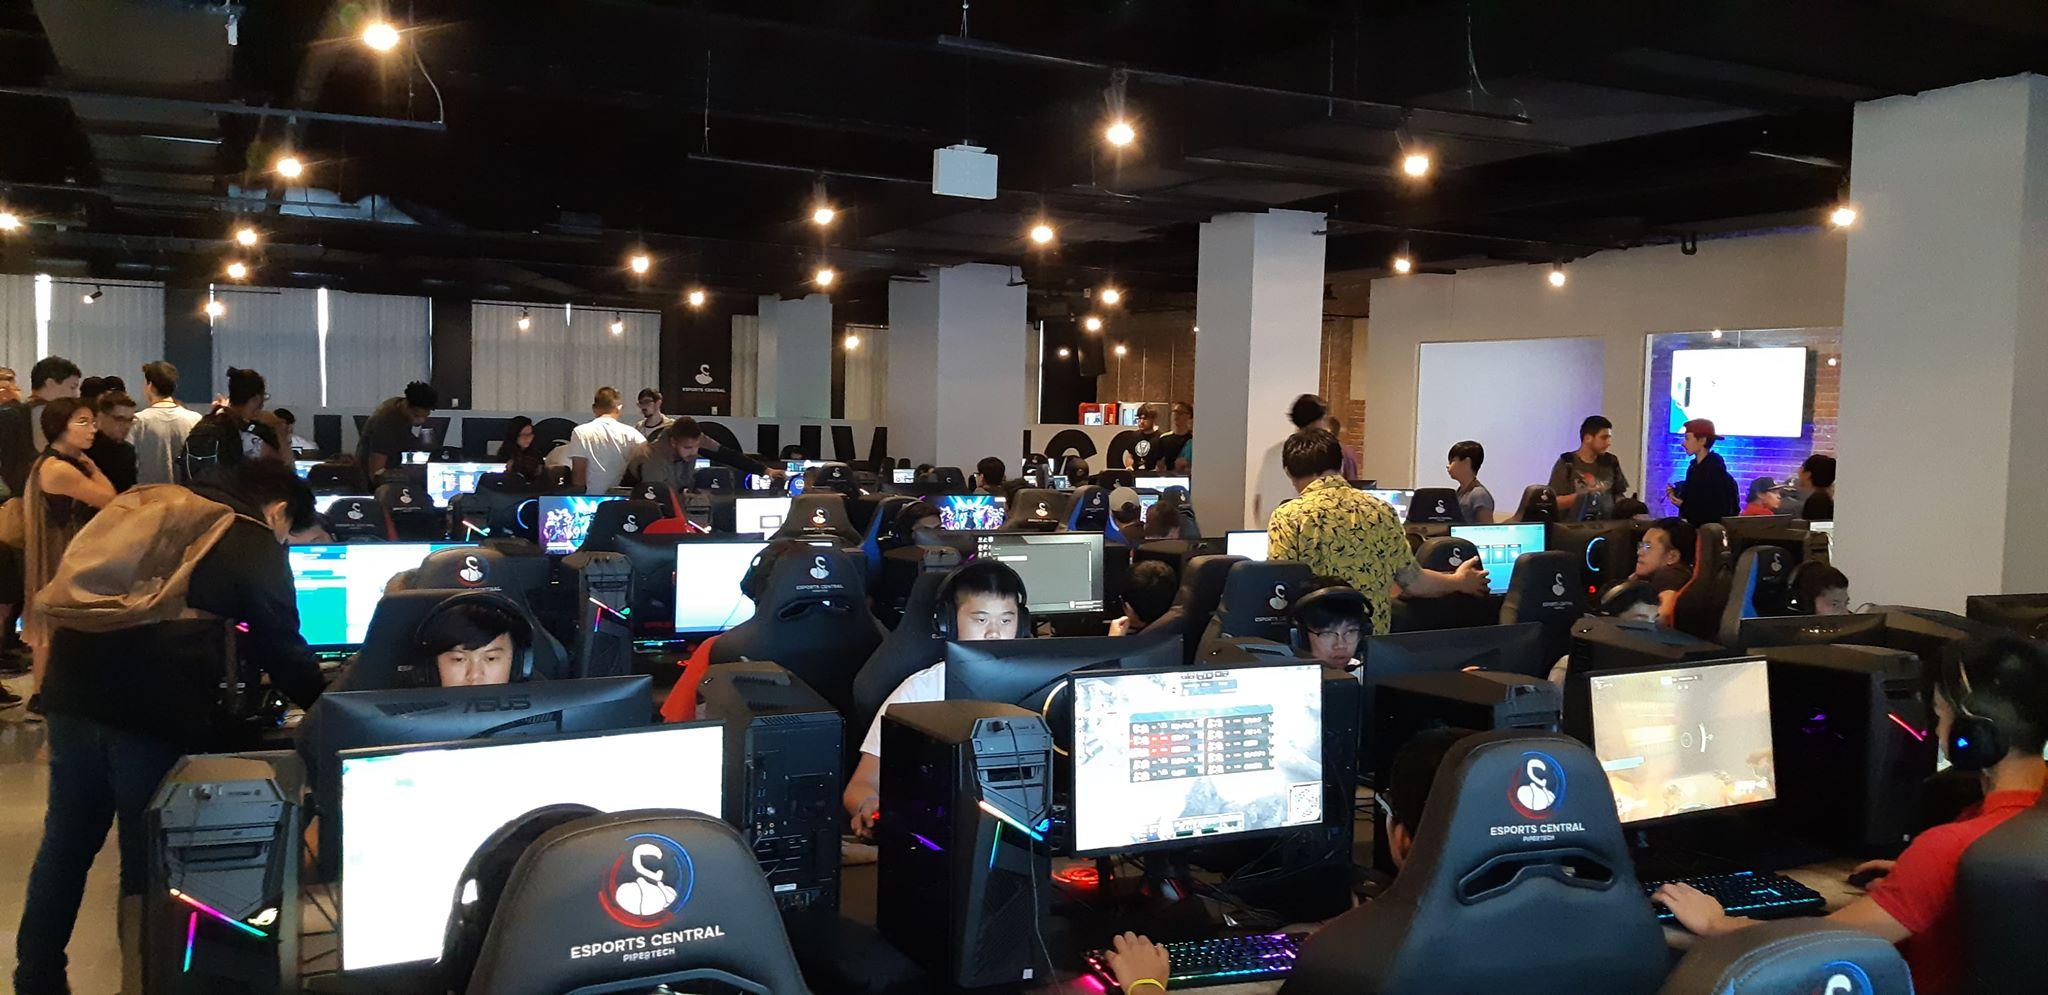 Bell remplit Esport Central Arena pour ses tournois de jeux vidéo